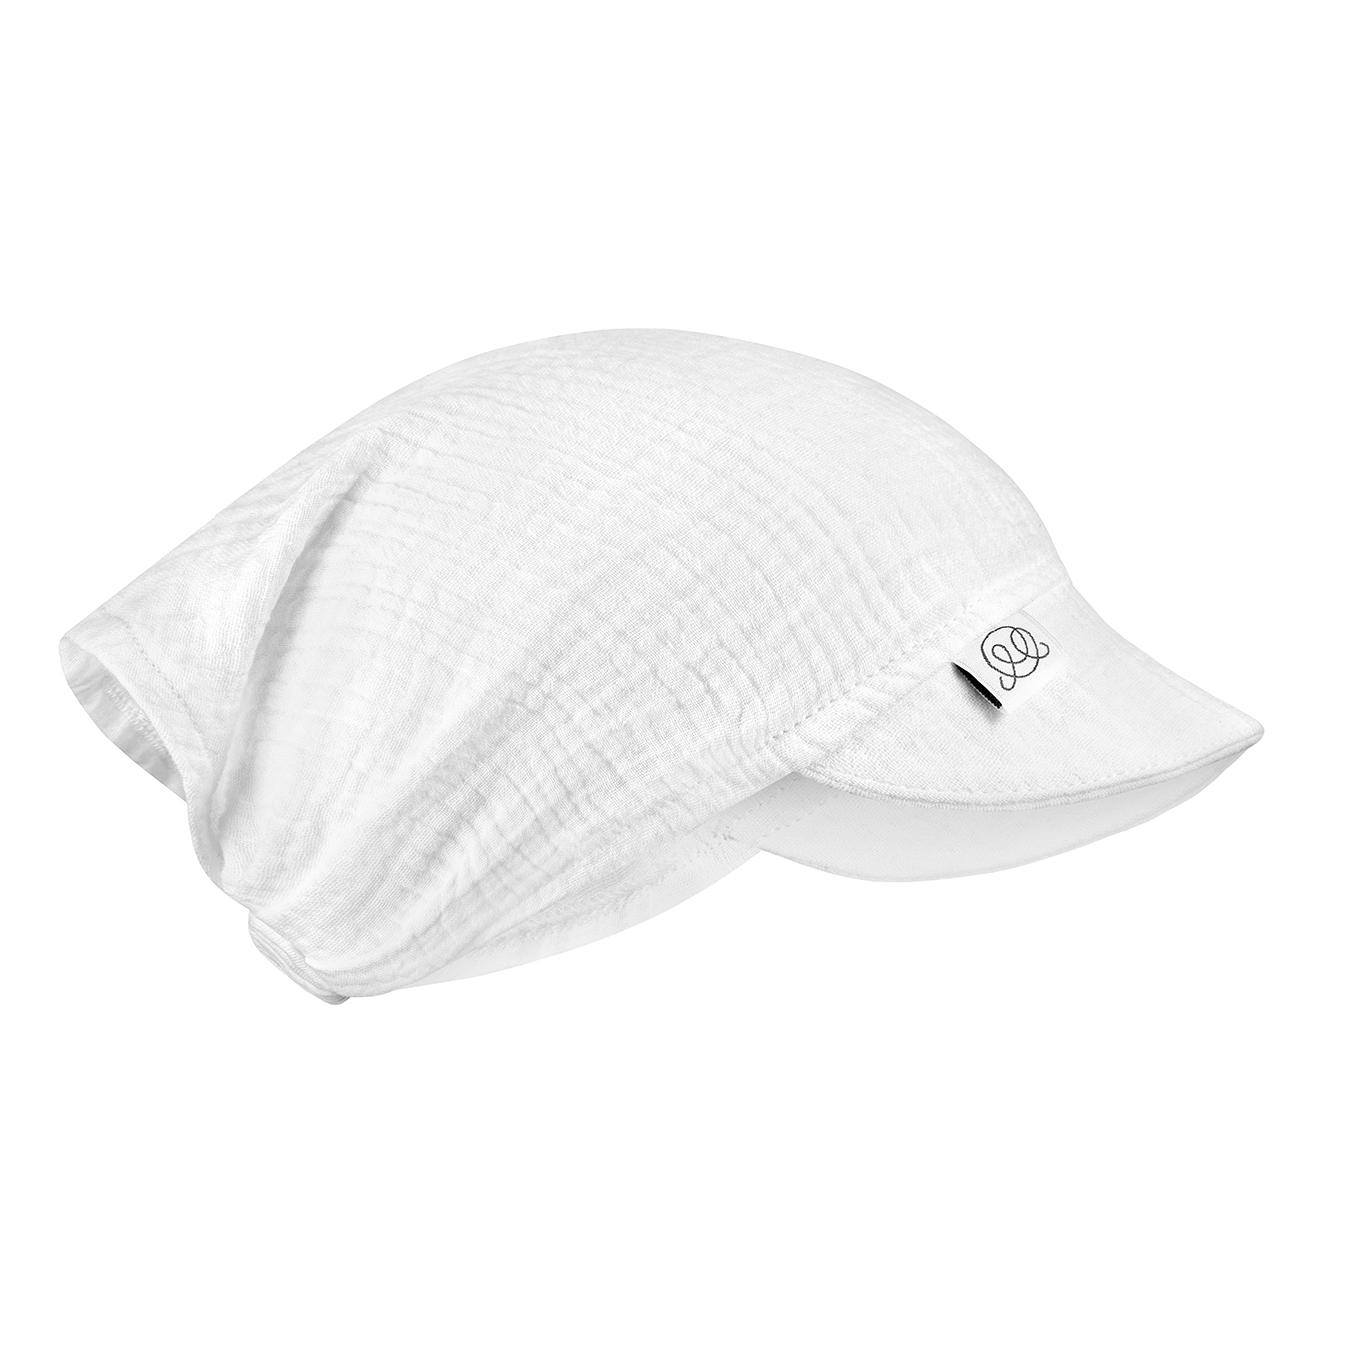 Muslin visor cap Cream